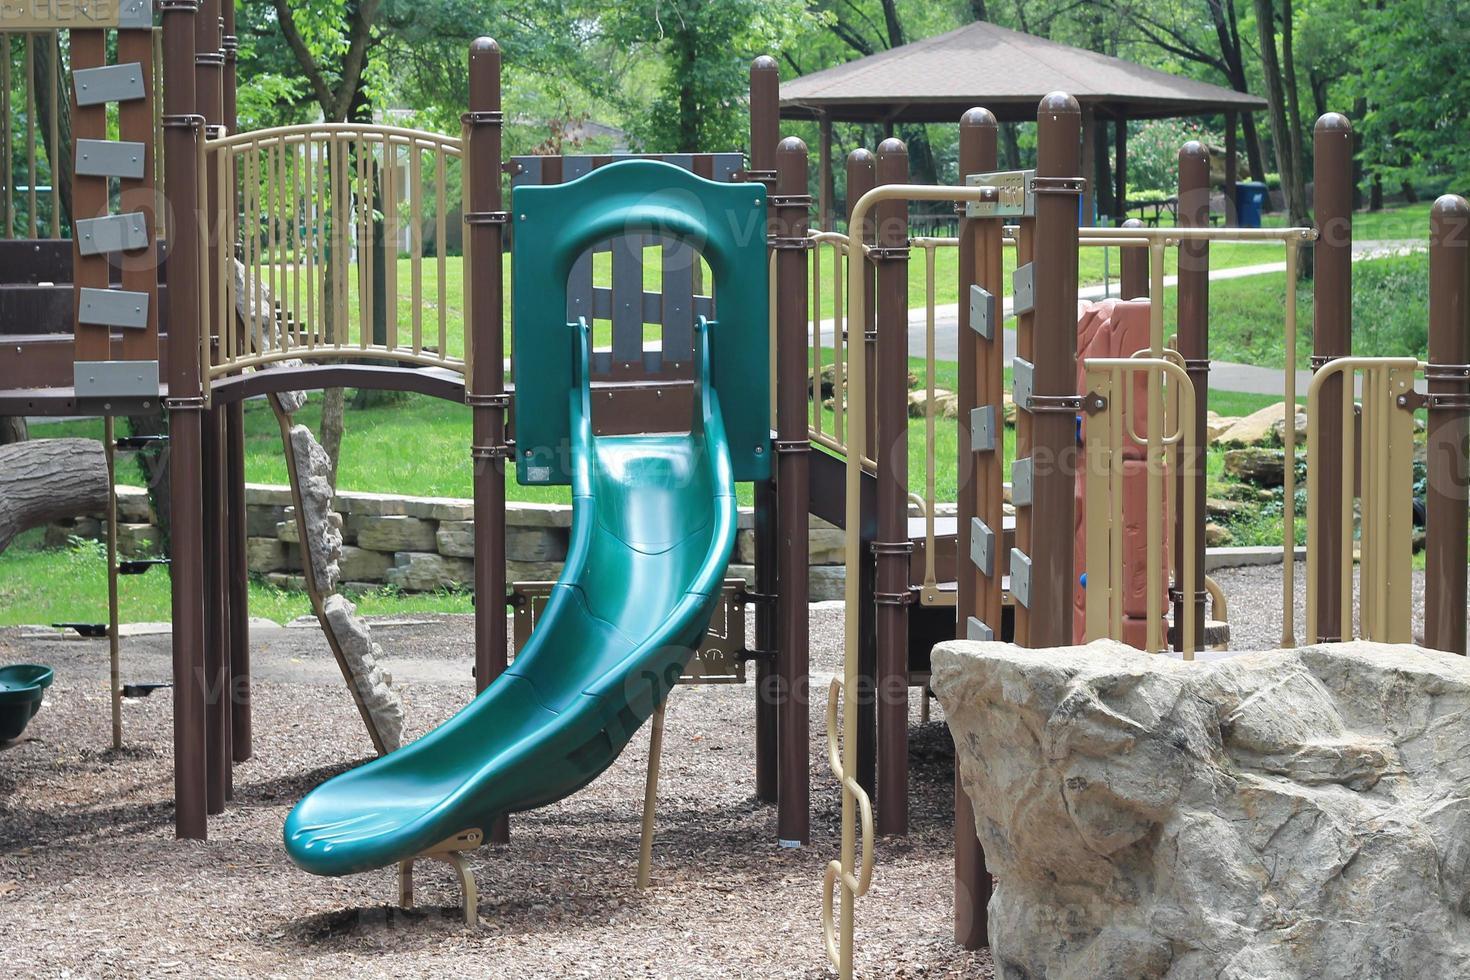 aire de jeux pour enfants avec paillis et toboggan vert photo